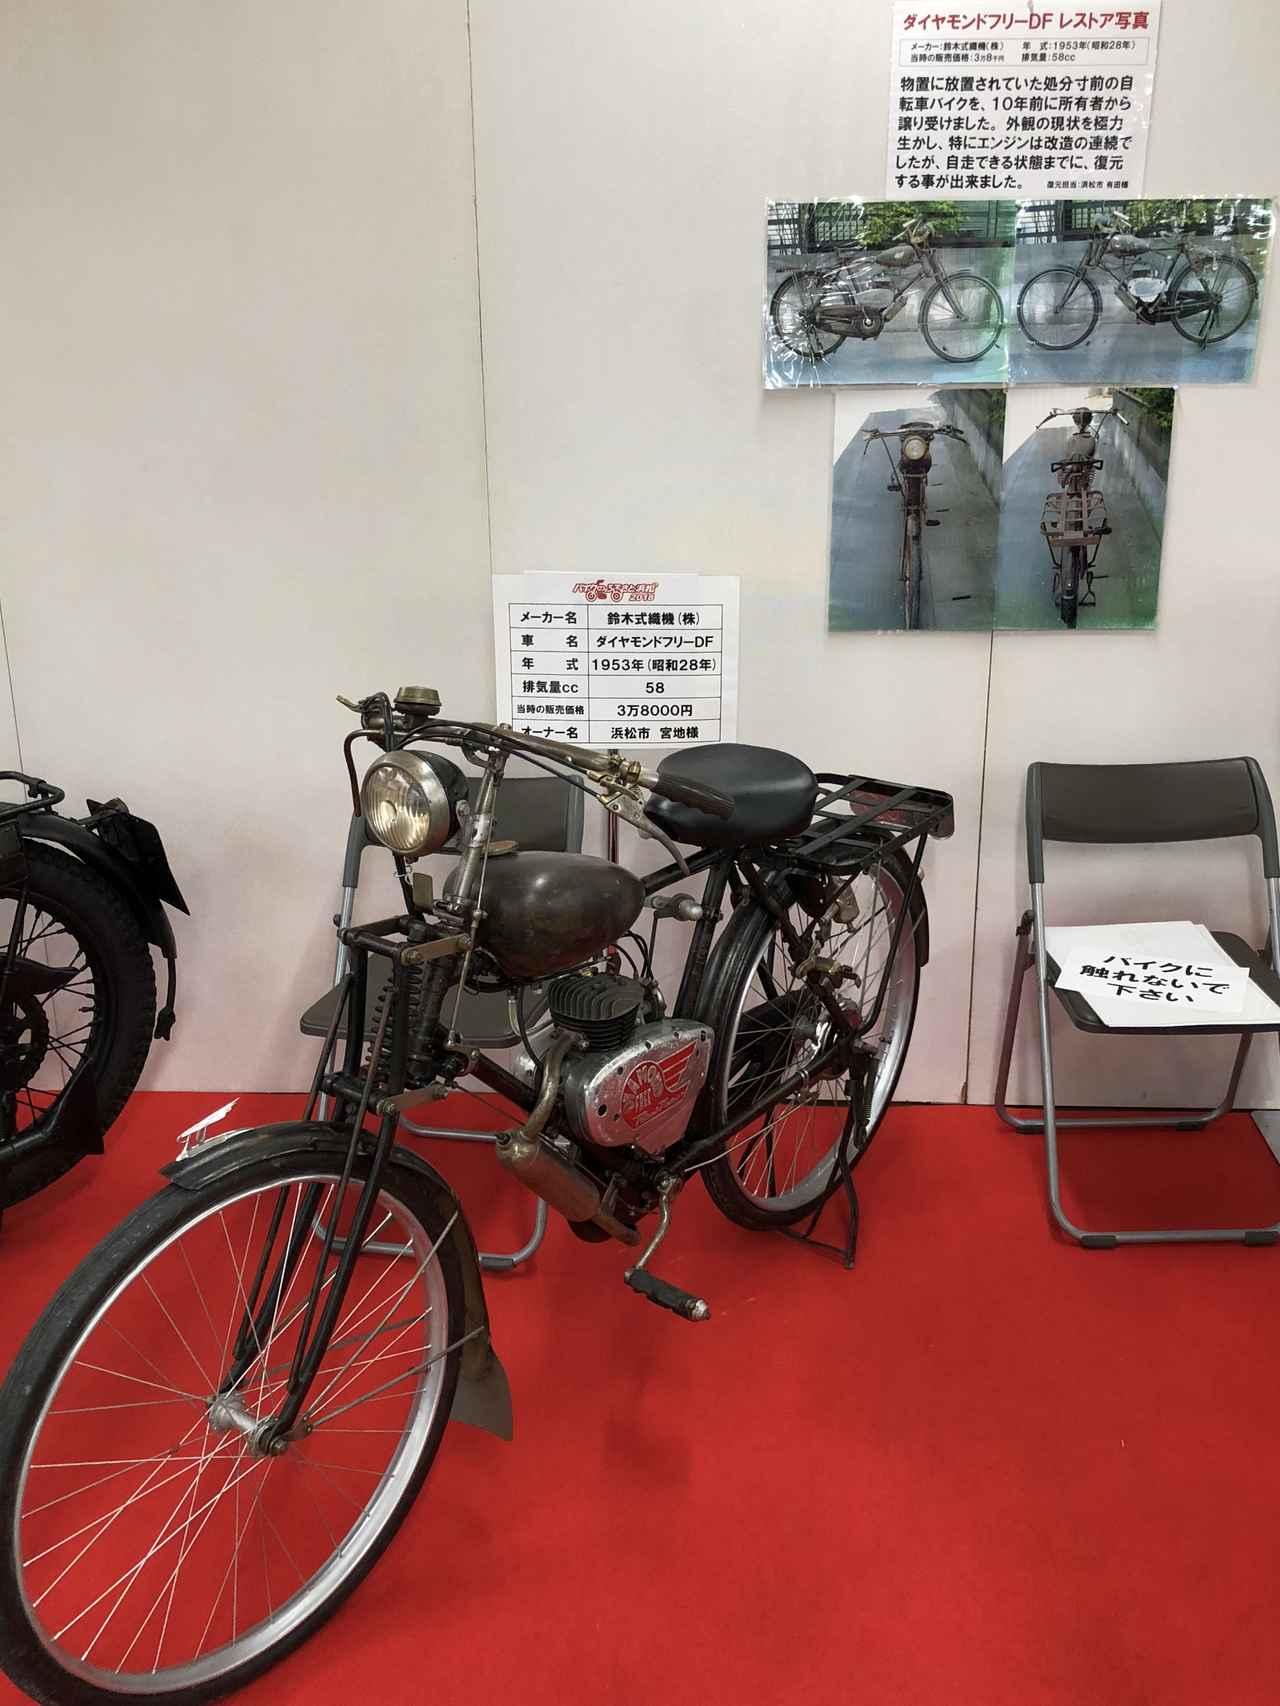 画像7: 「バイクのふるさと浜松」に行ってきました!(モリメグ)